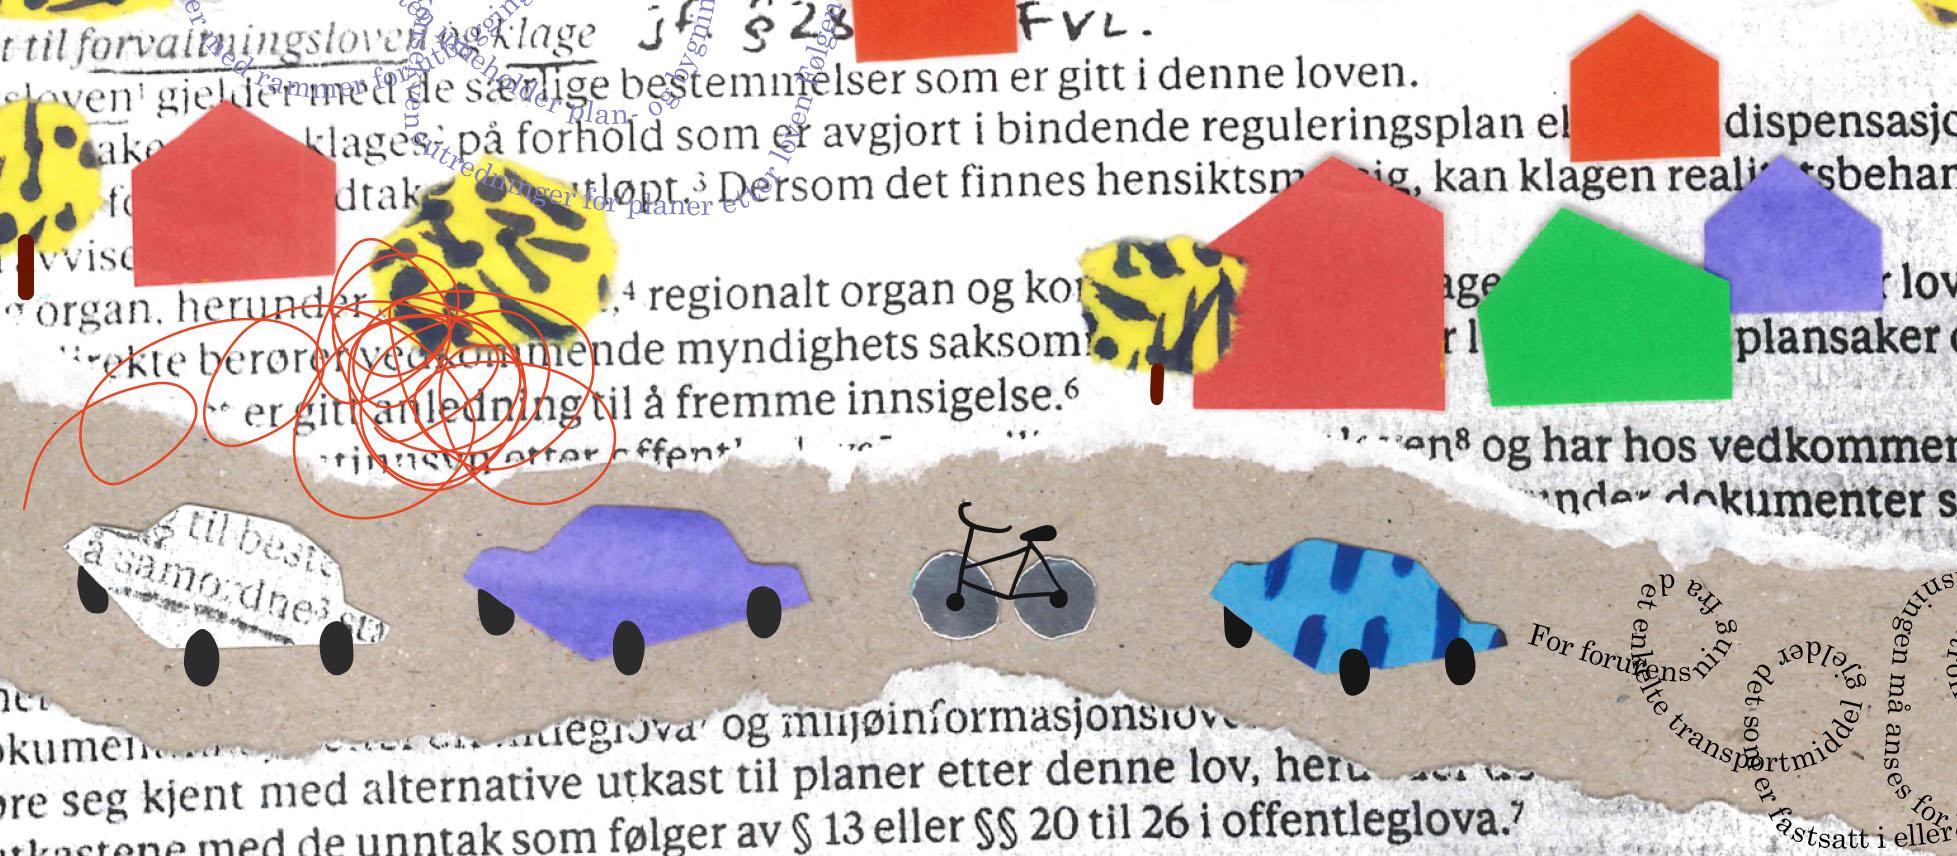 Illustrasjoner:Kjersti Børve Skjelbreid (fra magasinet)